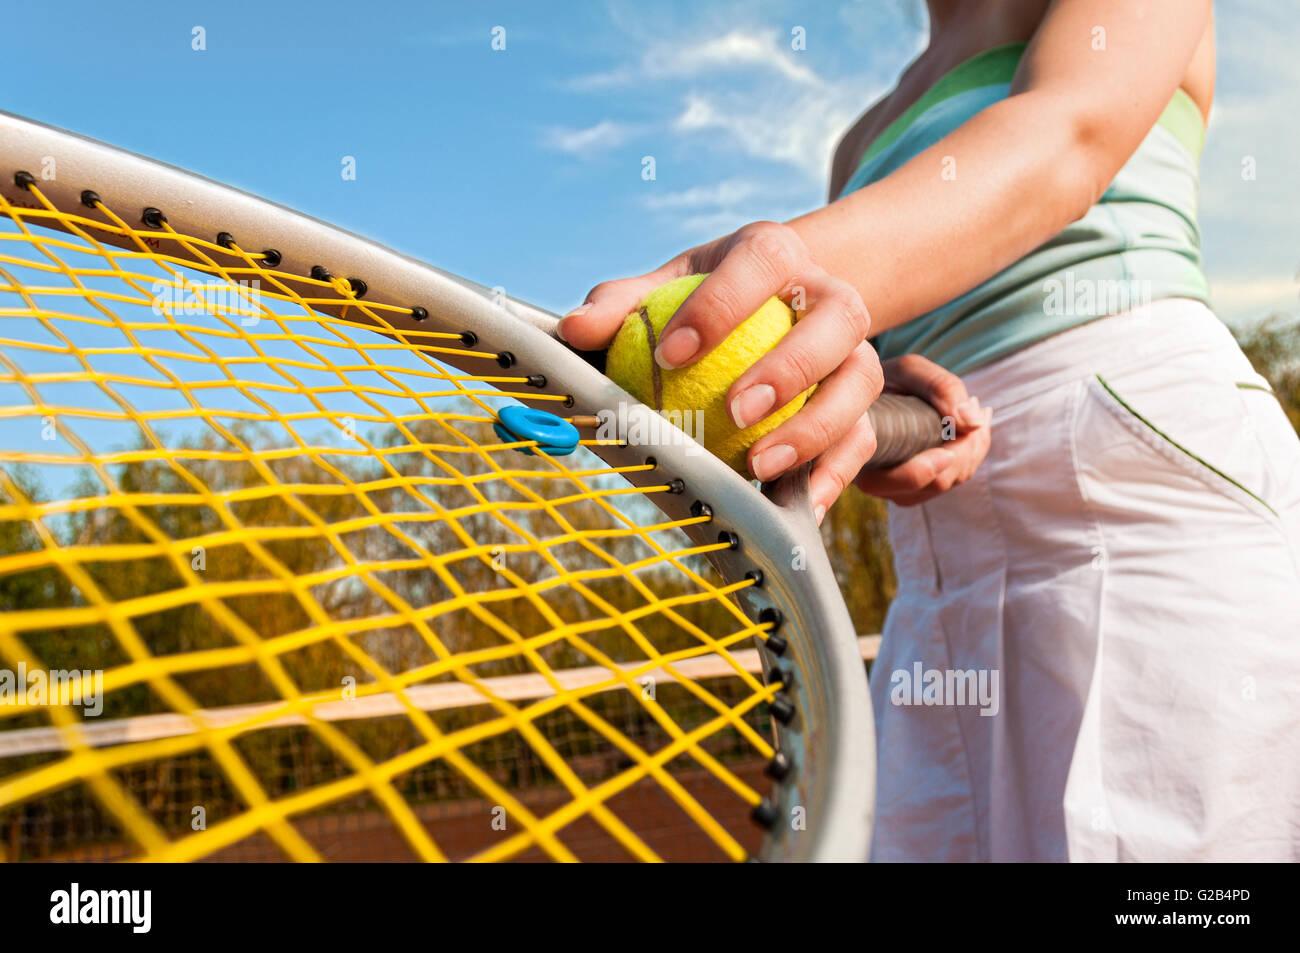 Dinamica concetto di tennis con lettore femmina mano che tiene la sfera e la racchetta Immagini Stock